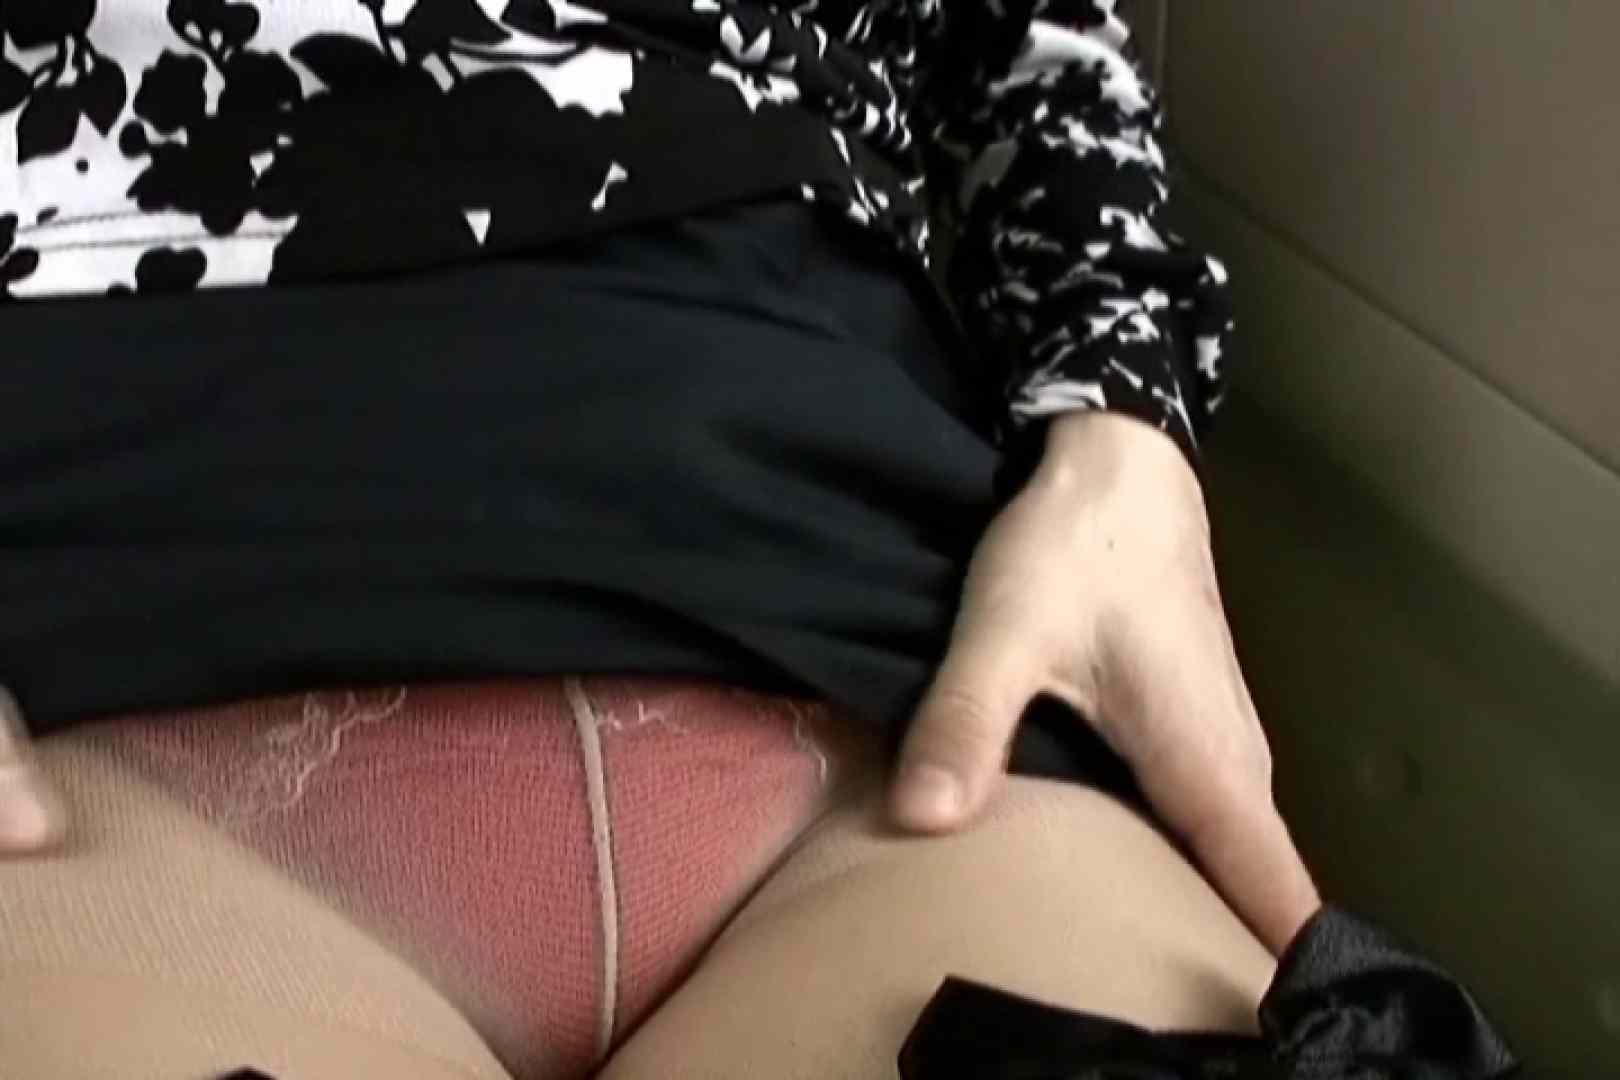 素人ナンパ本番撮り!出会い系でGET!Vol.13 素人流出 すけべAV動画紹介 62PIX 58